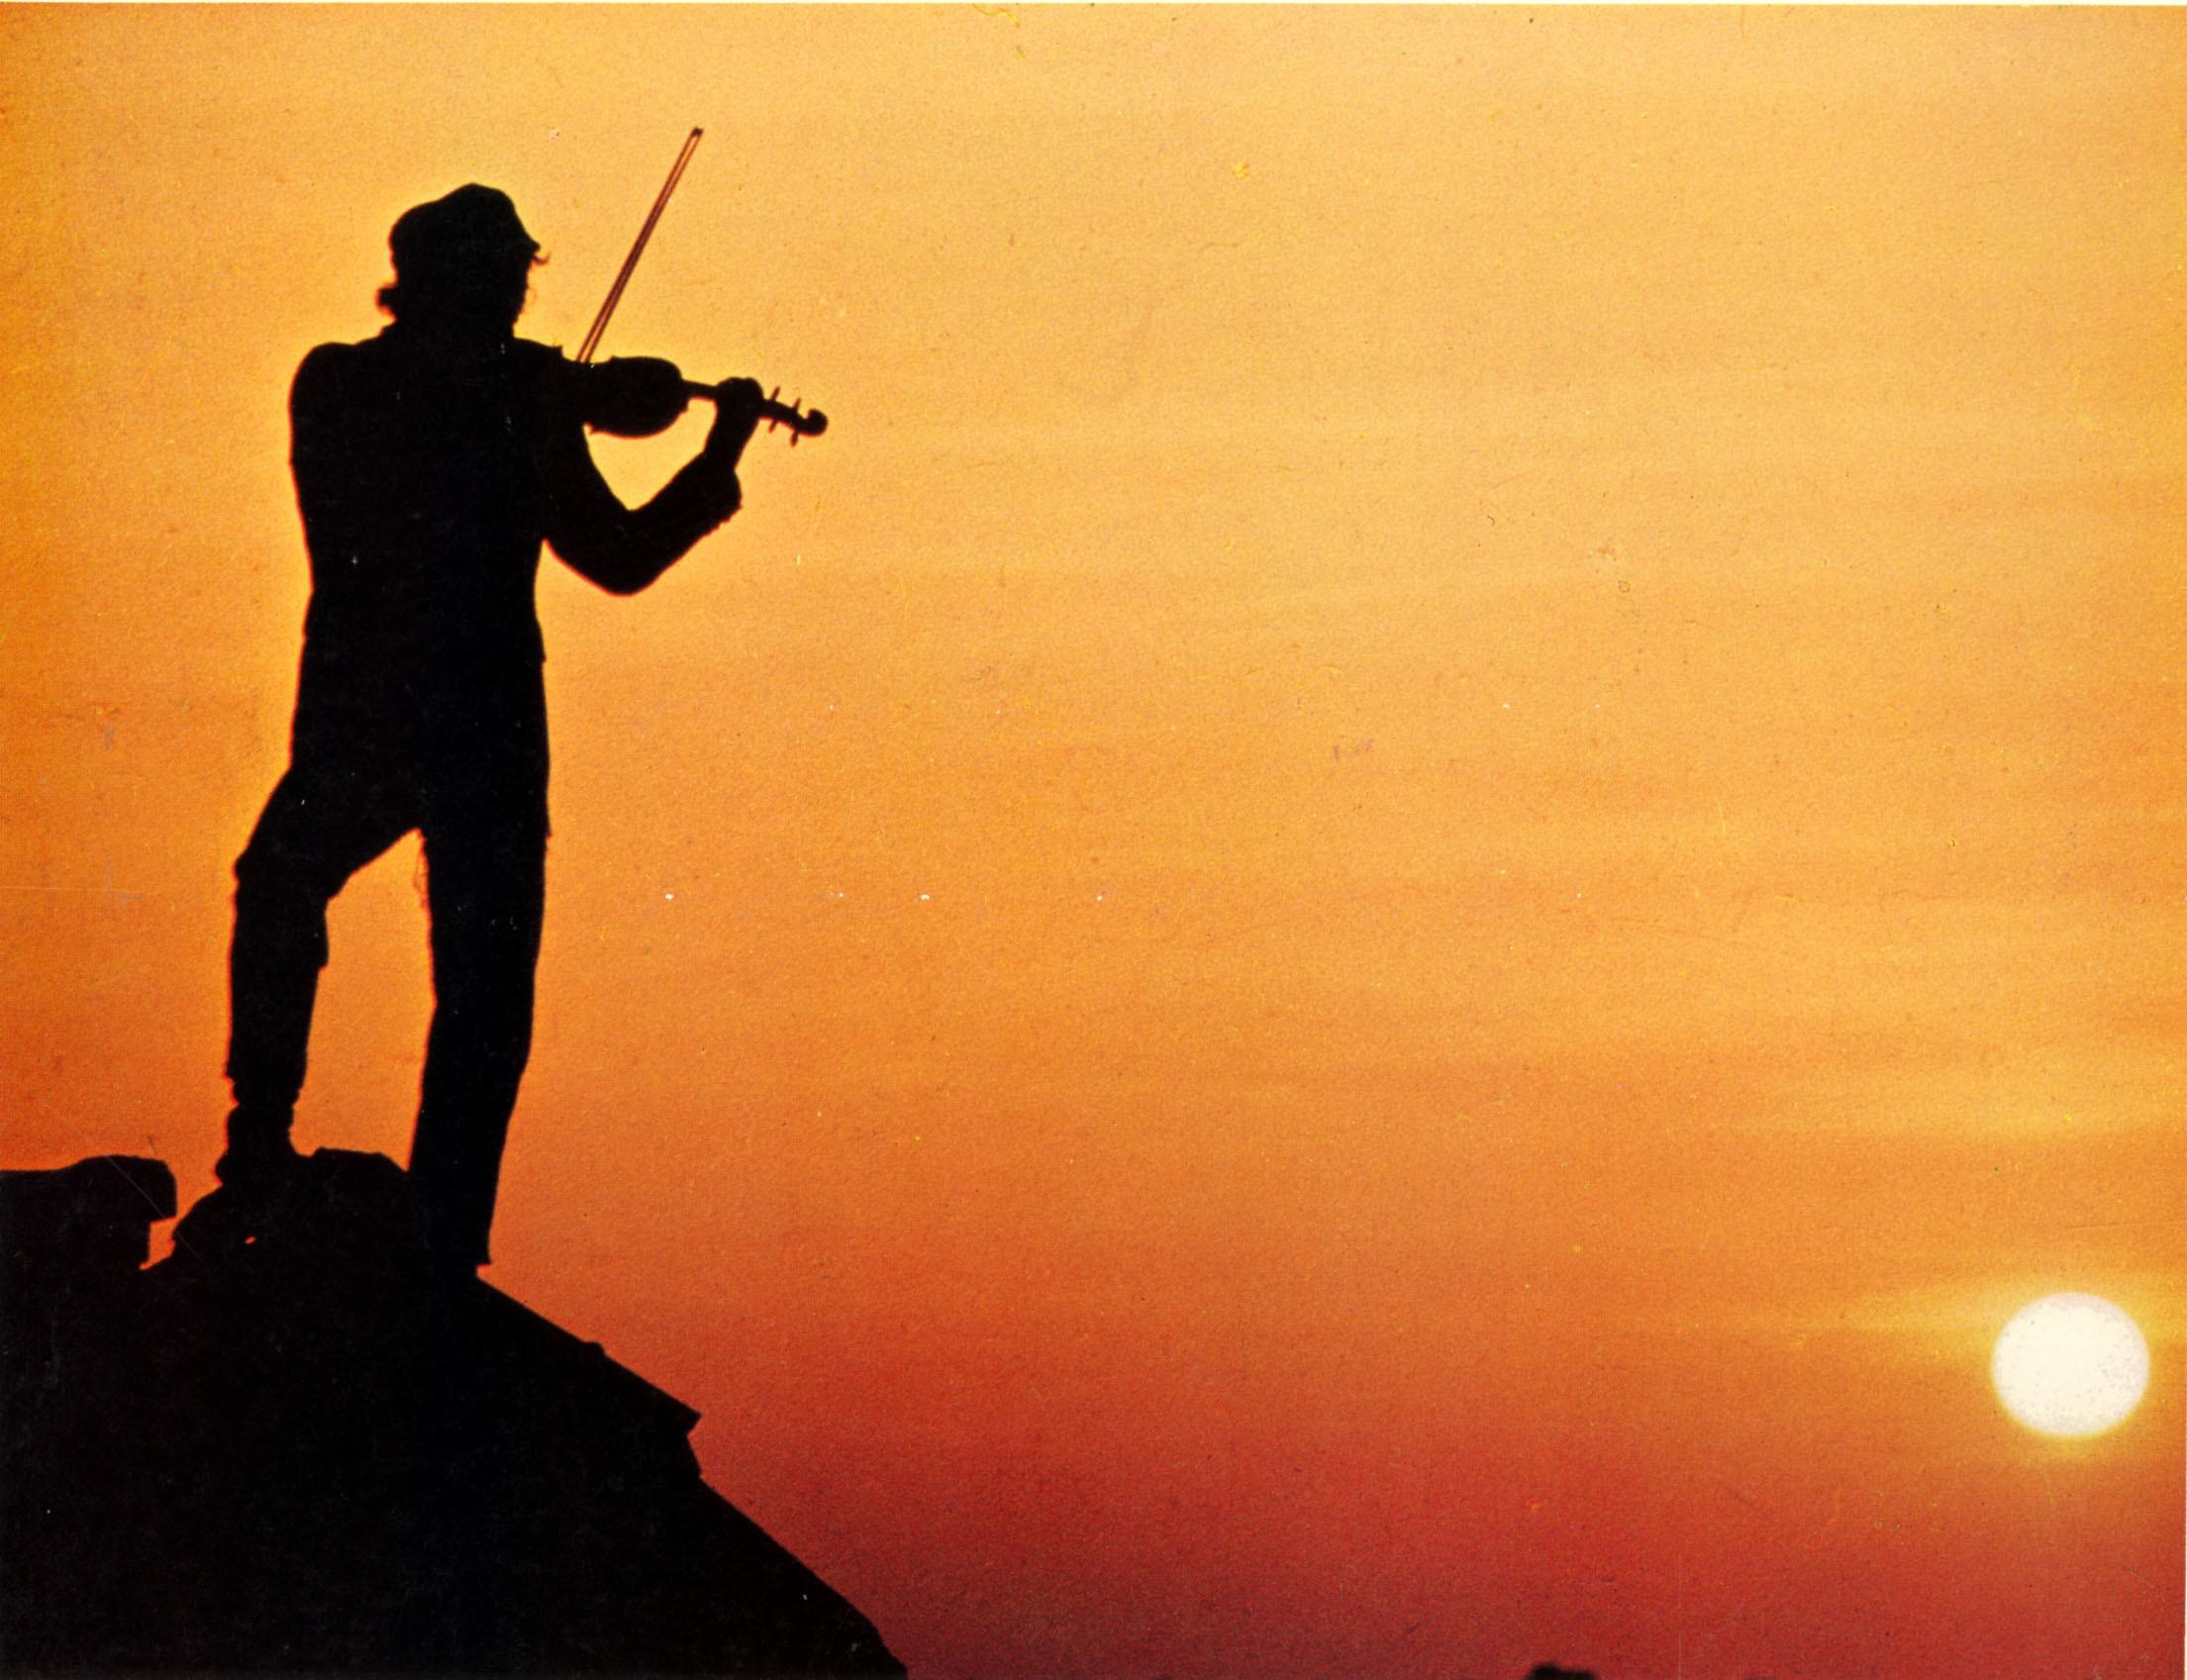 Un violon sur le toit, de Norm